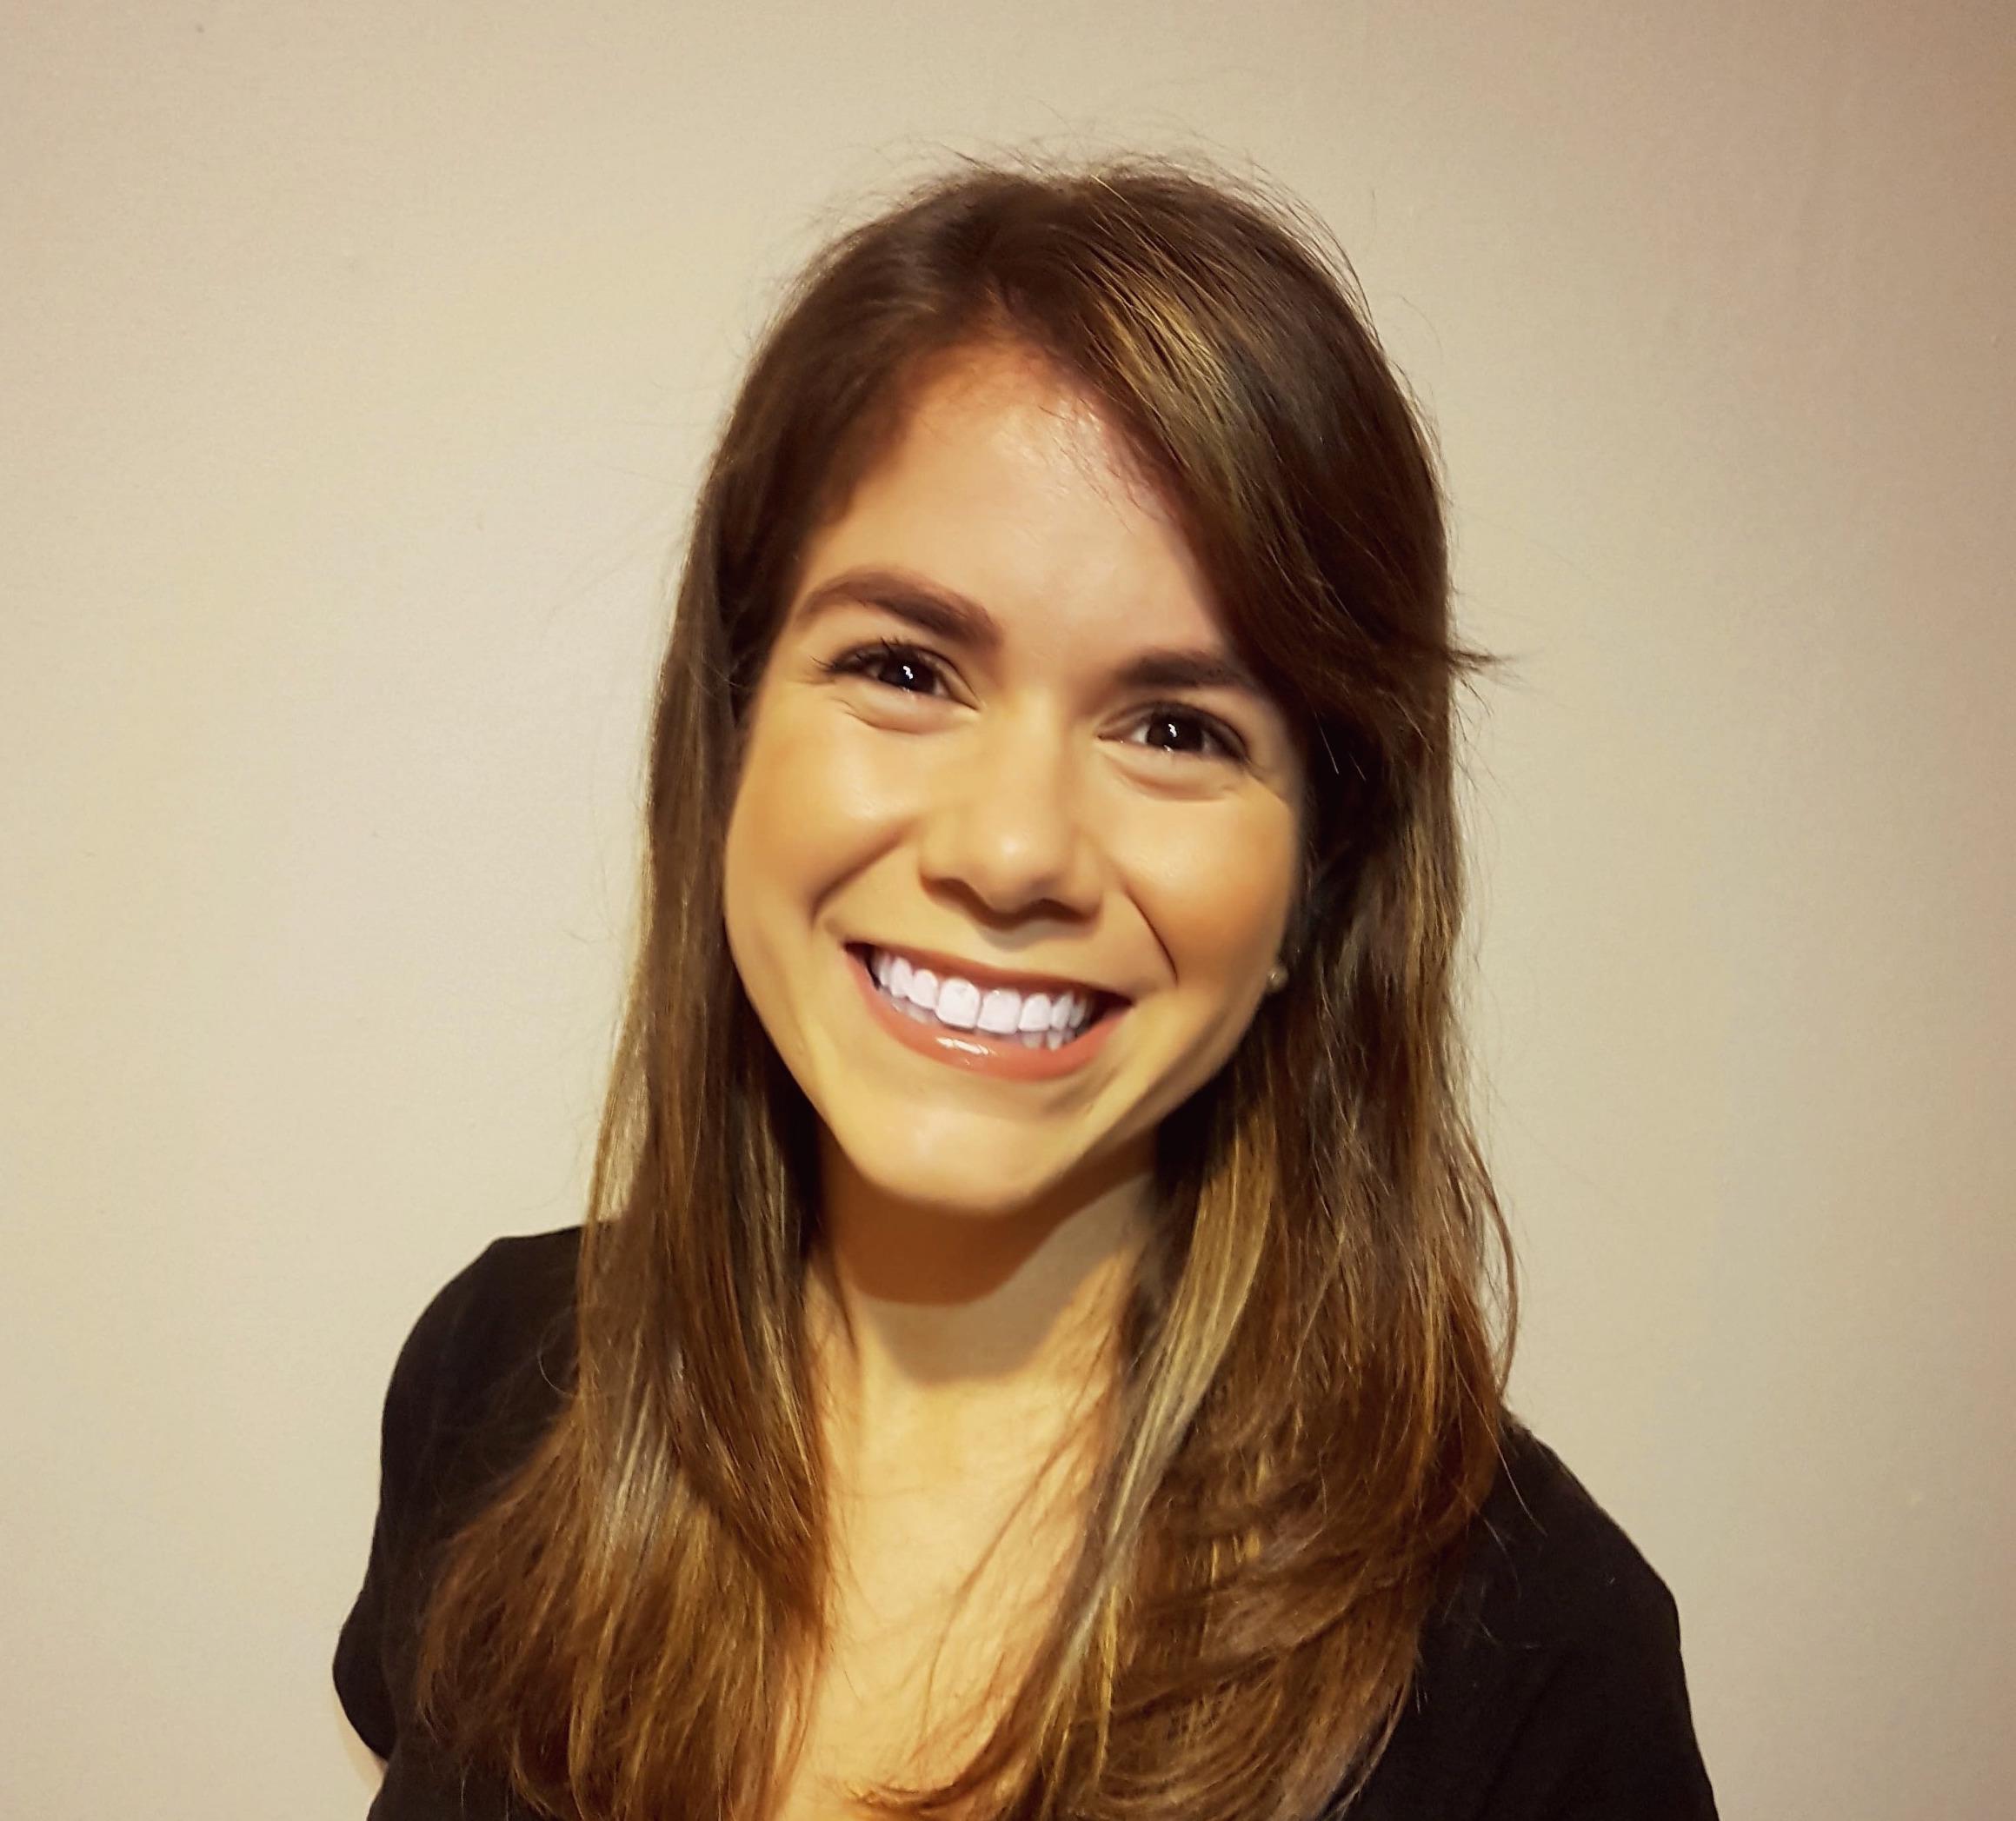 Meet Melissa Marquez, a shark scientist passionate about ...